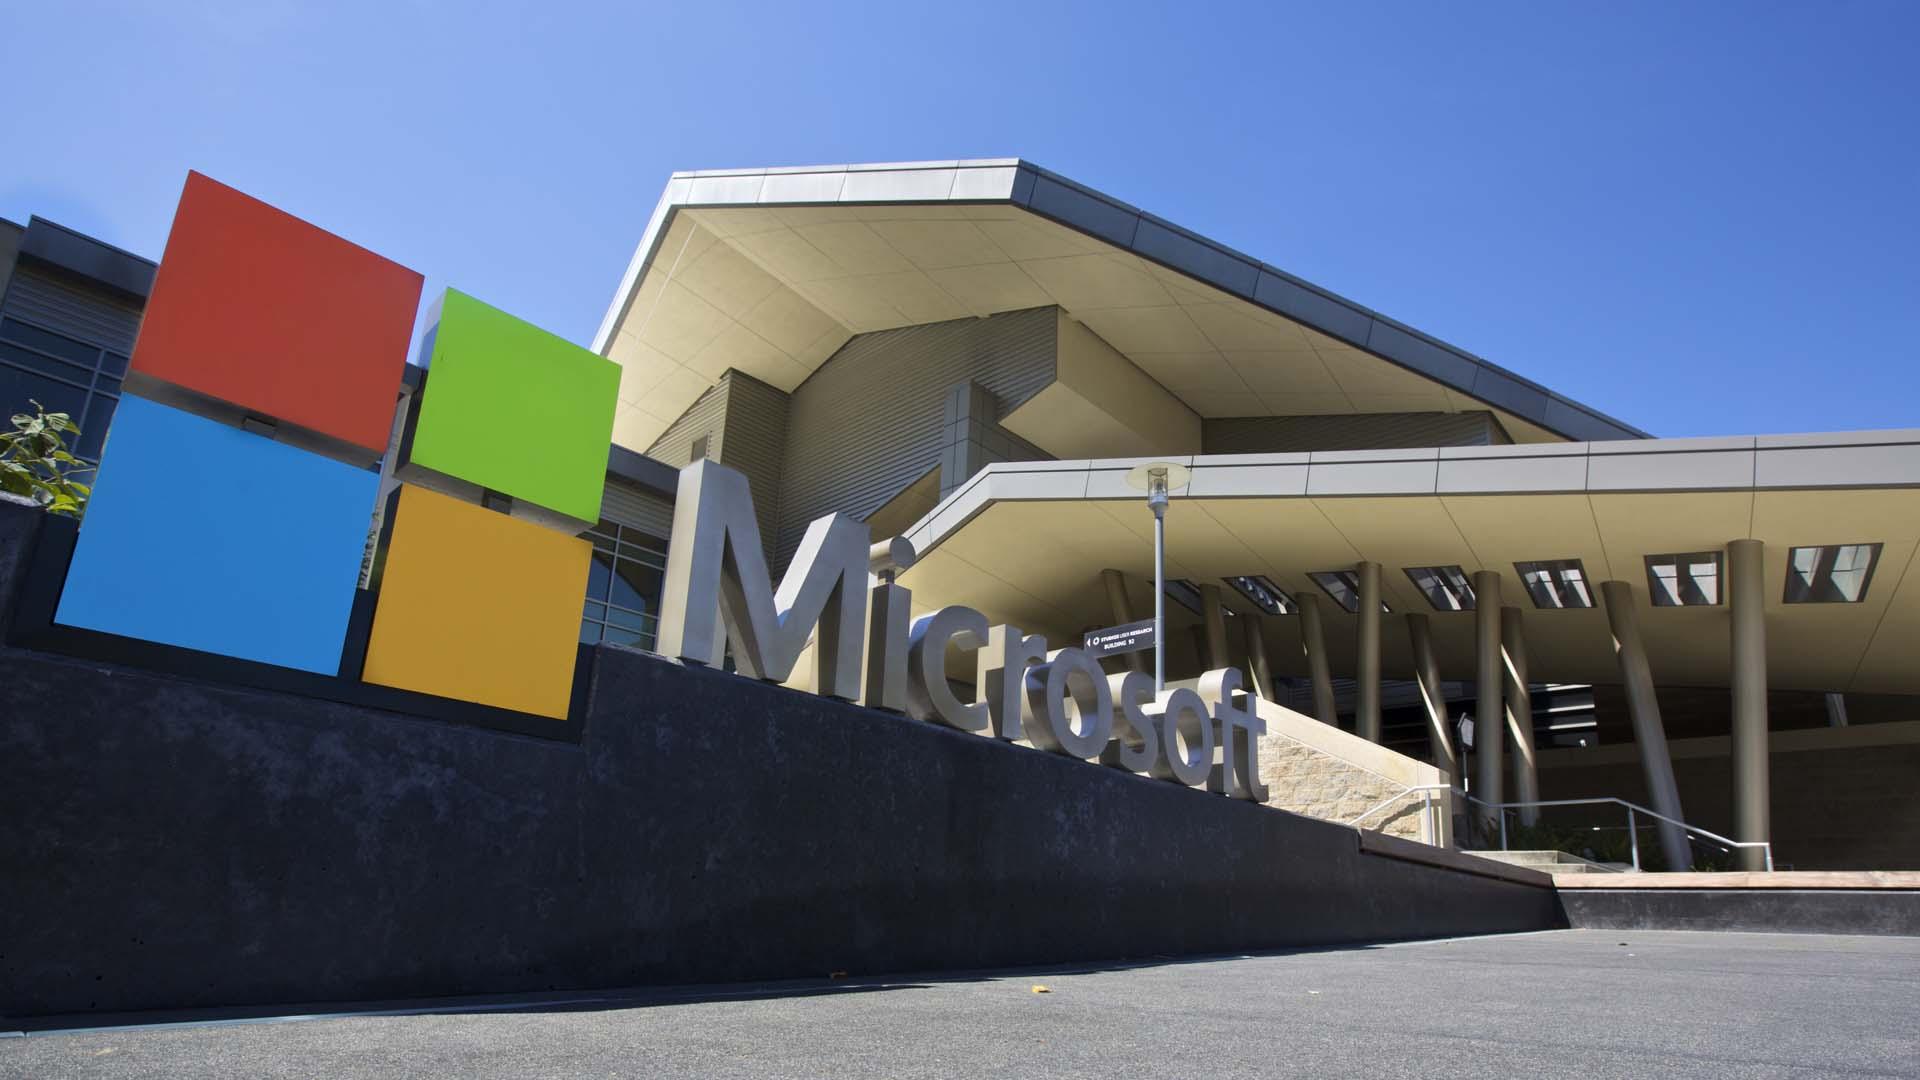 Microsoft emitirá notificaciones a sus usuarios cuando estos en medio de un ataque informático proveniente de altos cargos